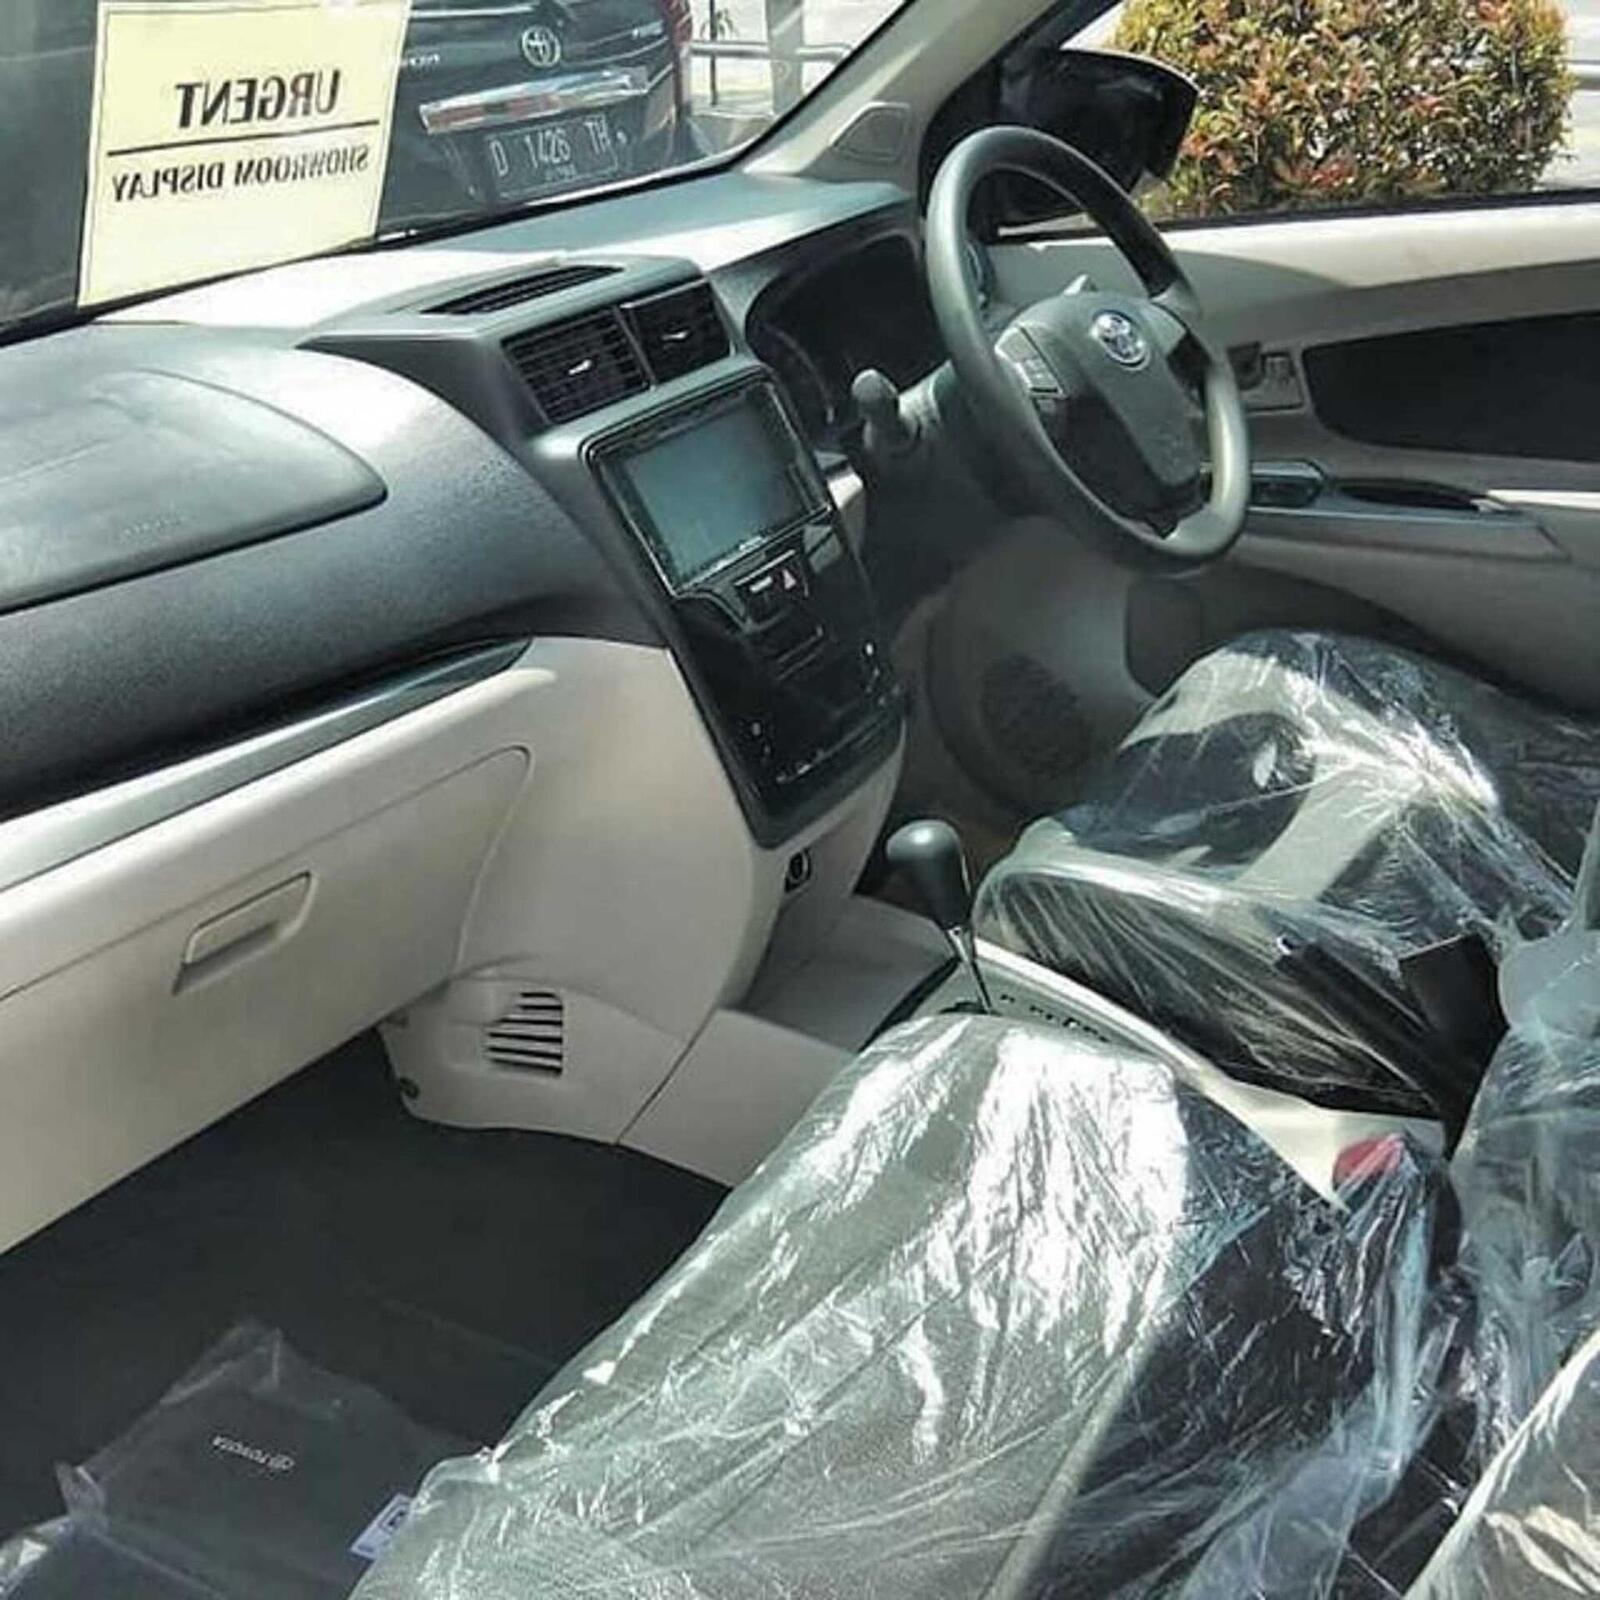 Lộ diện Toyota Avanza 2019 phiên bản nâng cấp Facelift mới với thiết kế đẹp phiên bản cũ - Hình 5